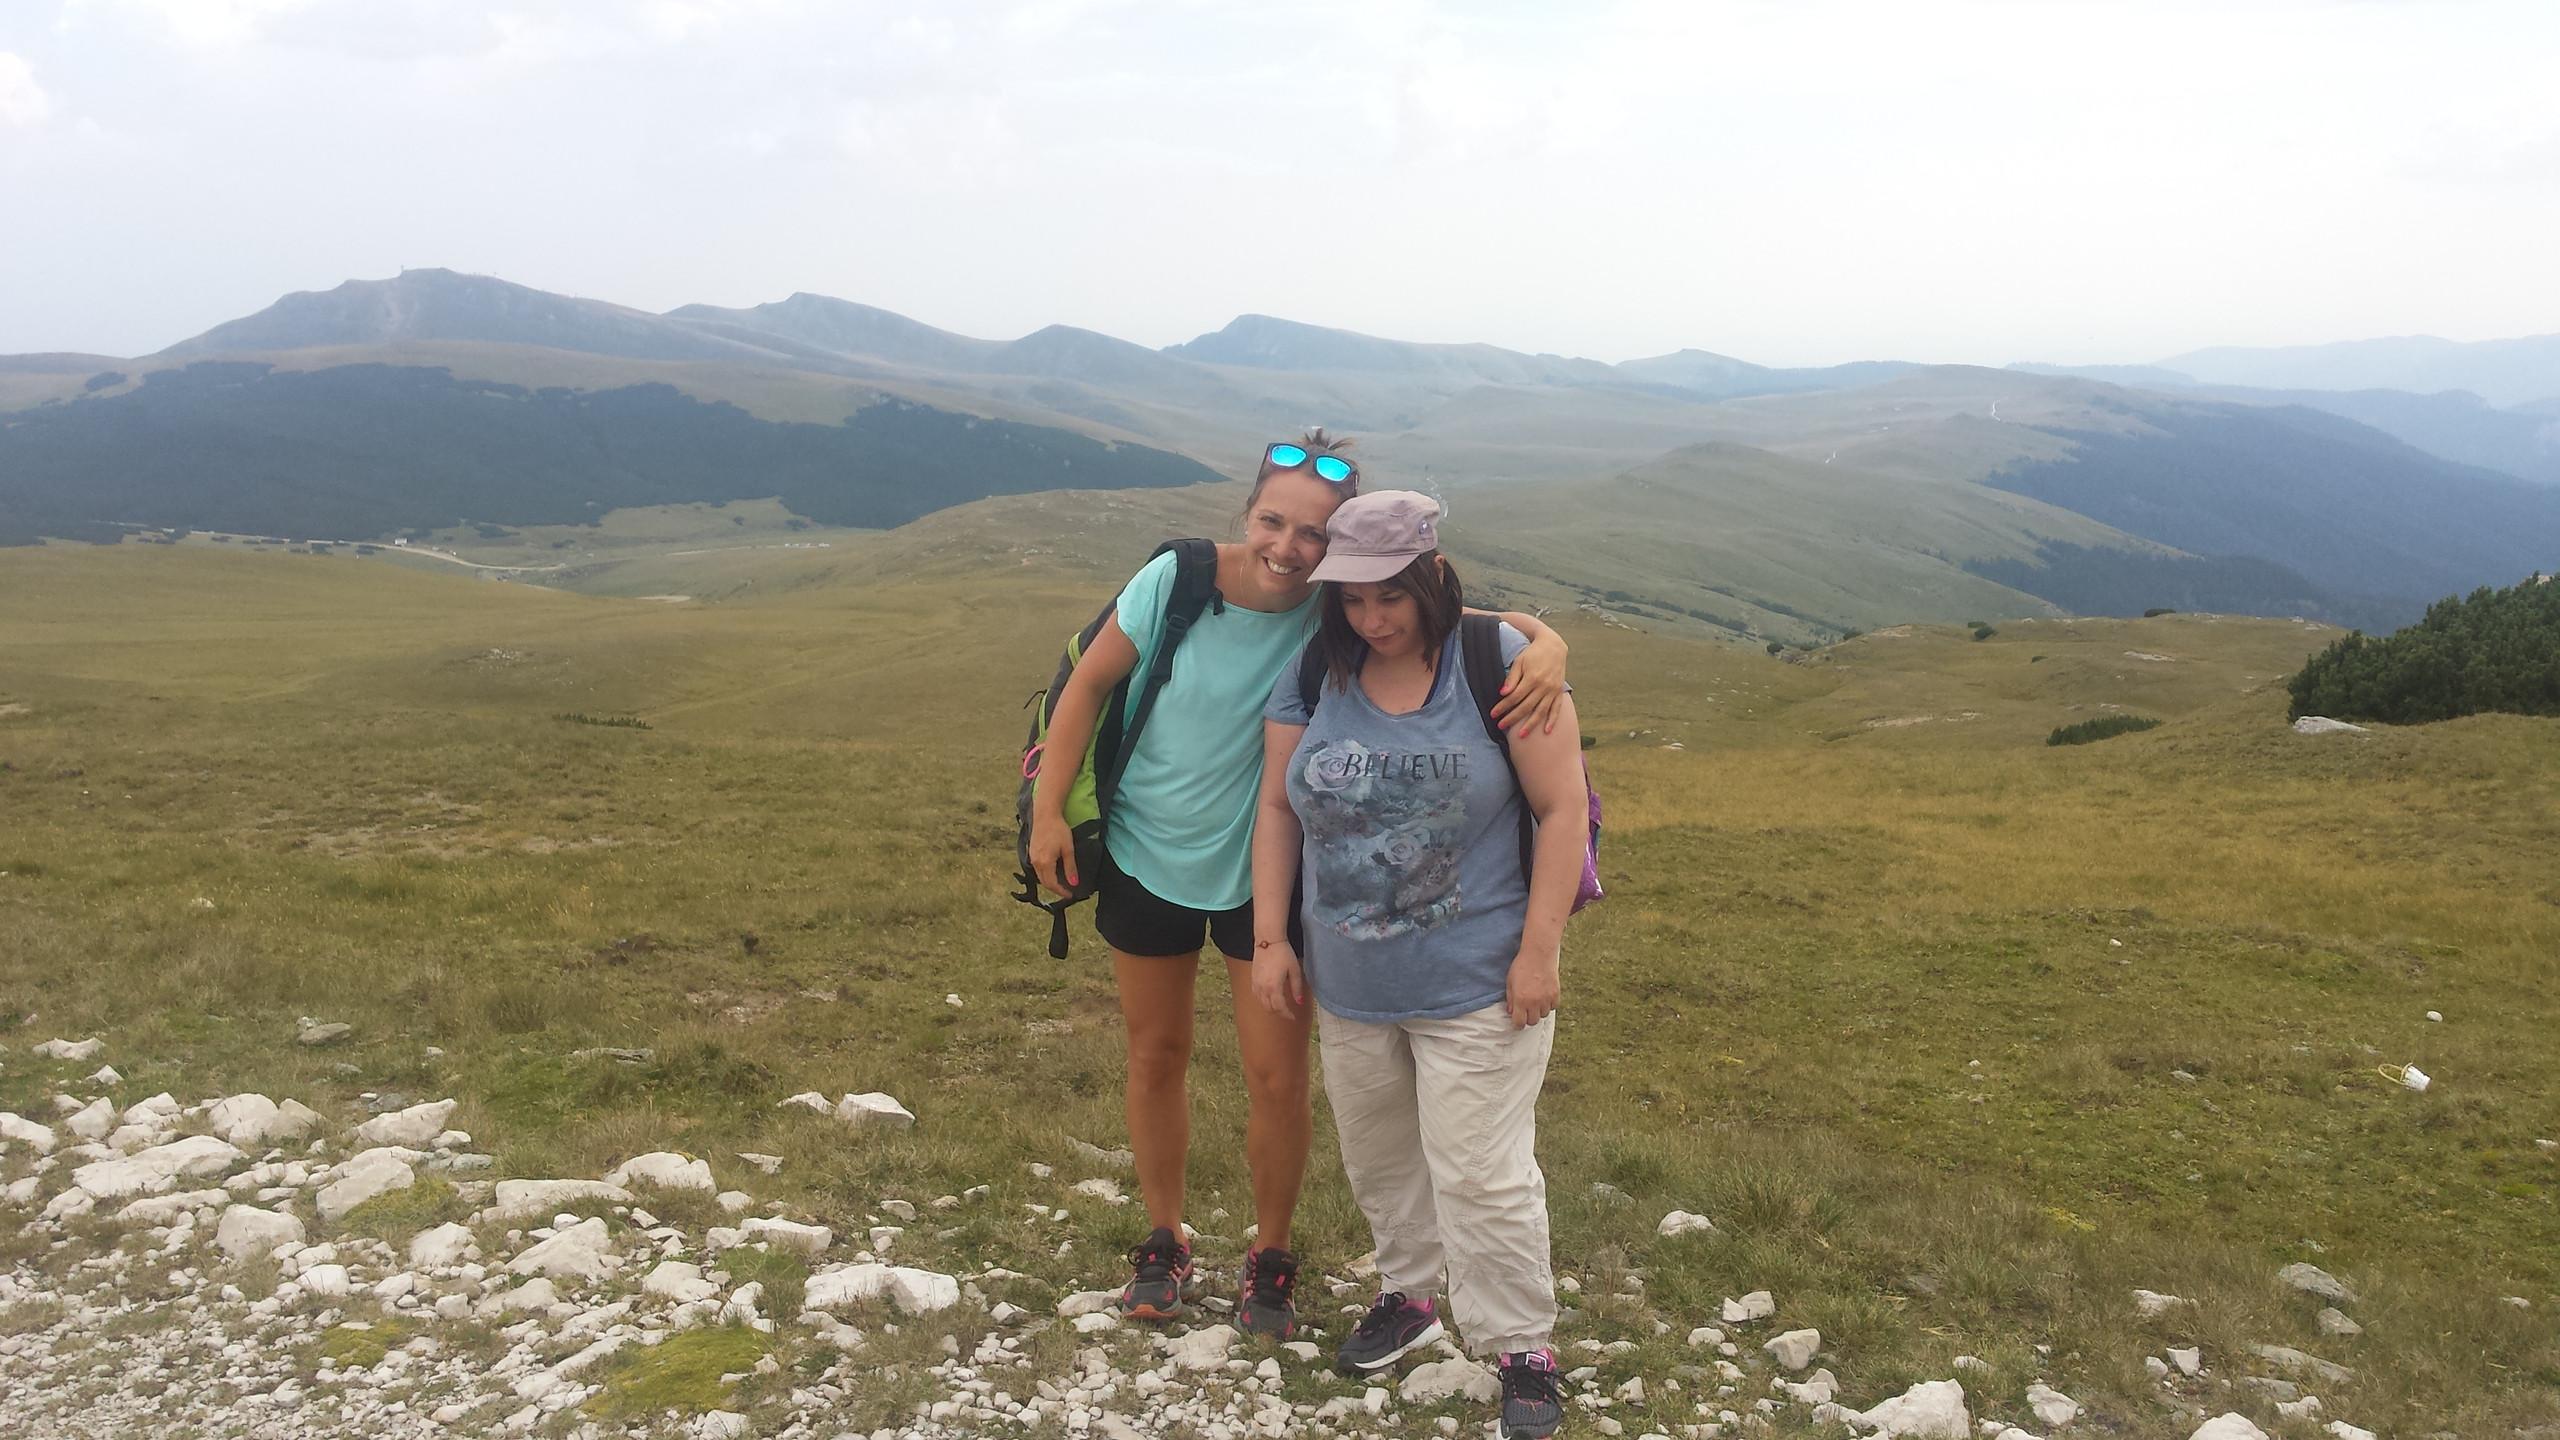 séjour adapté en Roumanie 2017